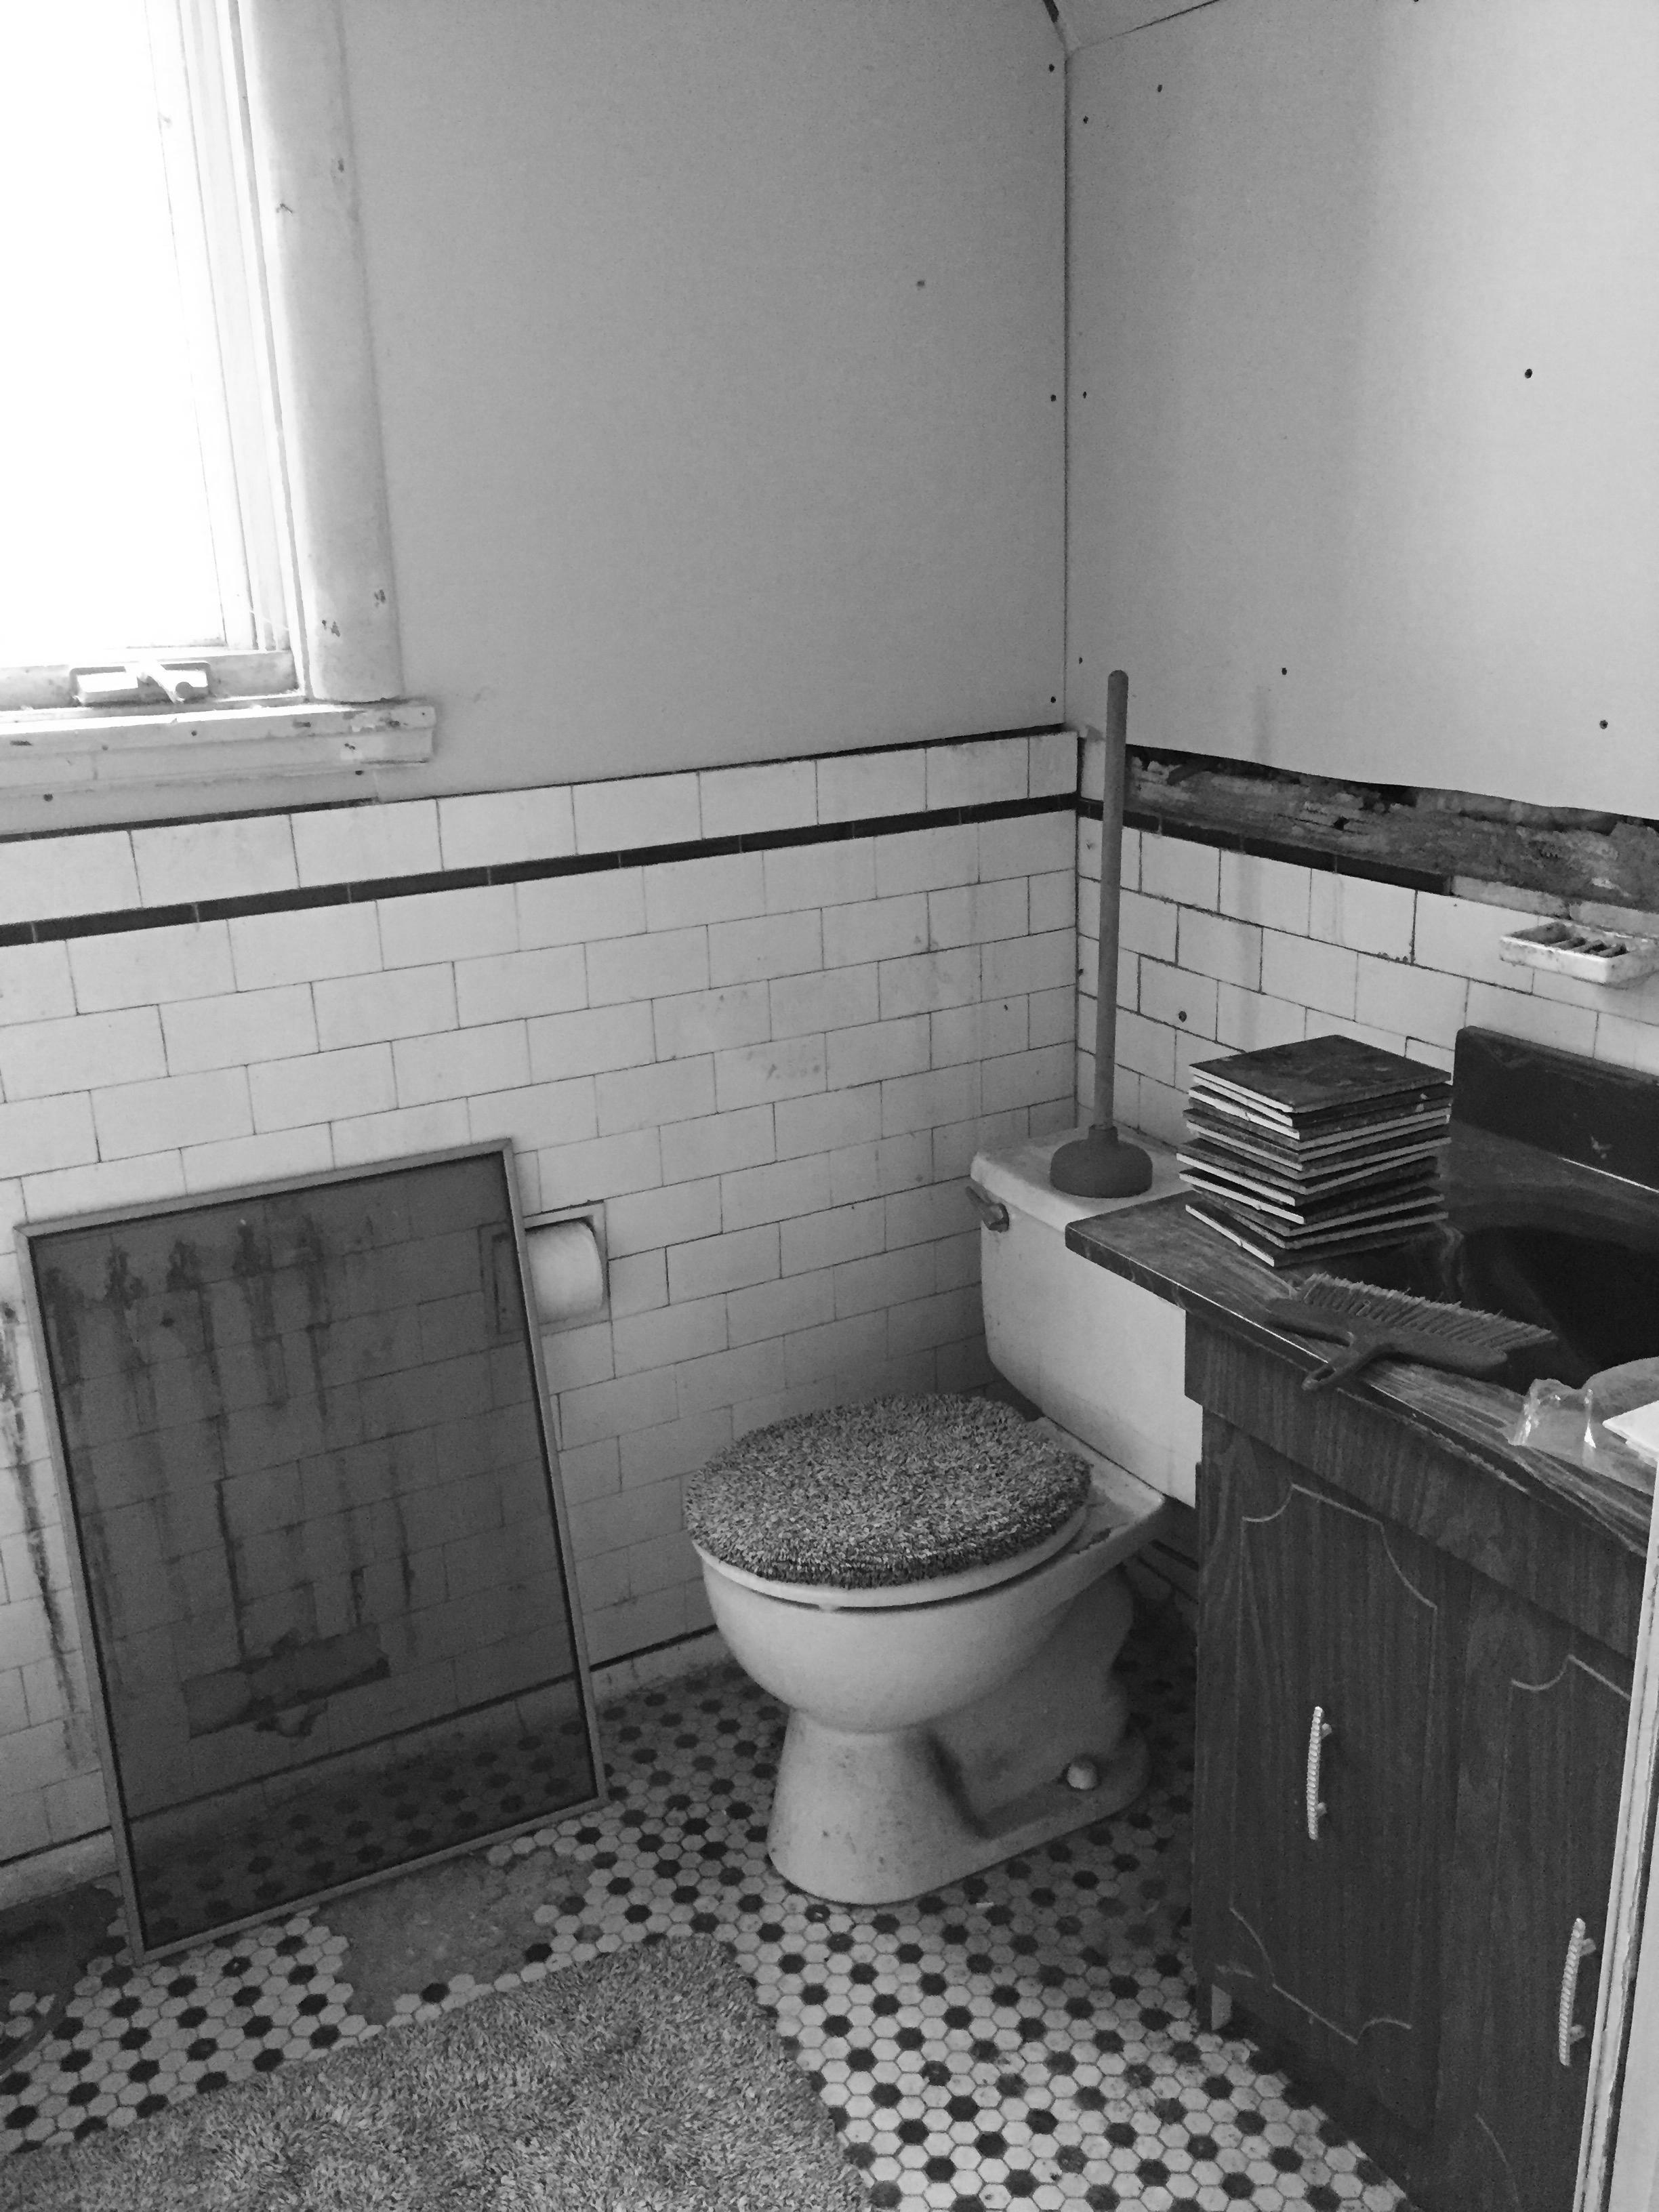 salle de bain n-b.jpg